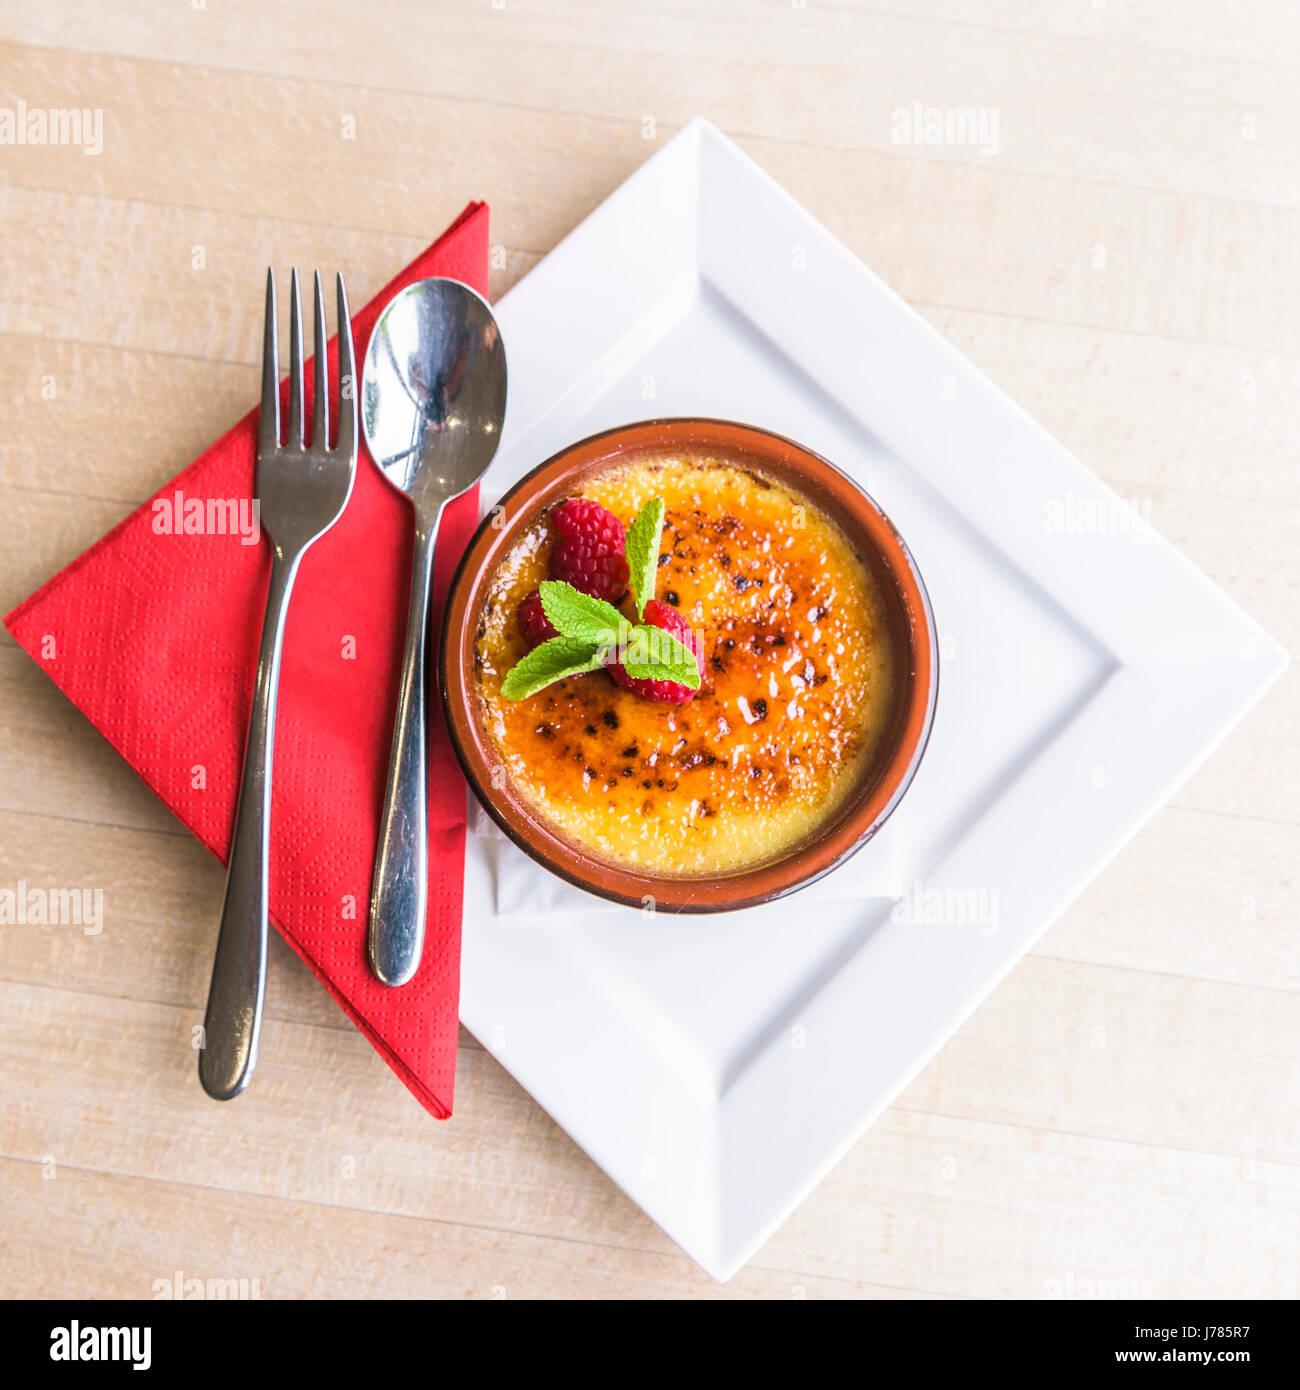 Une crème brûlée servie dans un restaurant; Dessert; l'alimentation;; Photo Stock